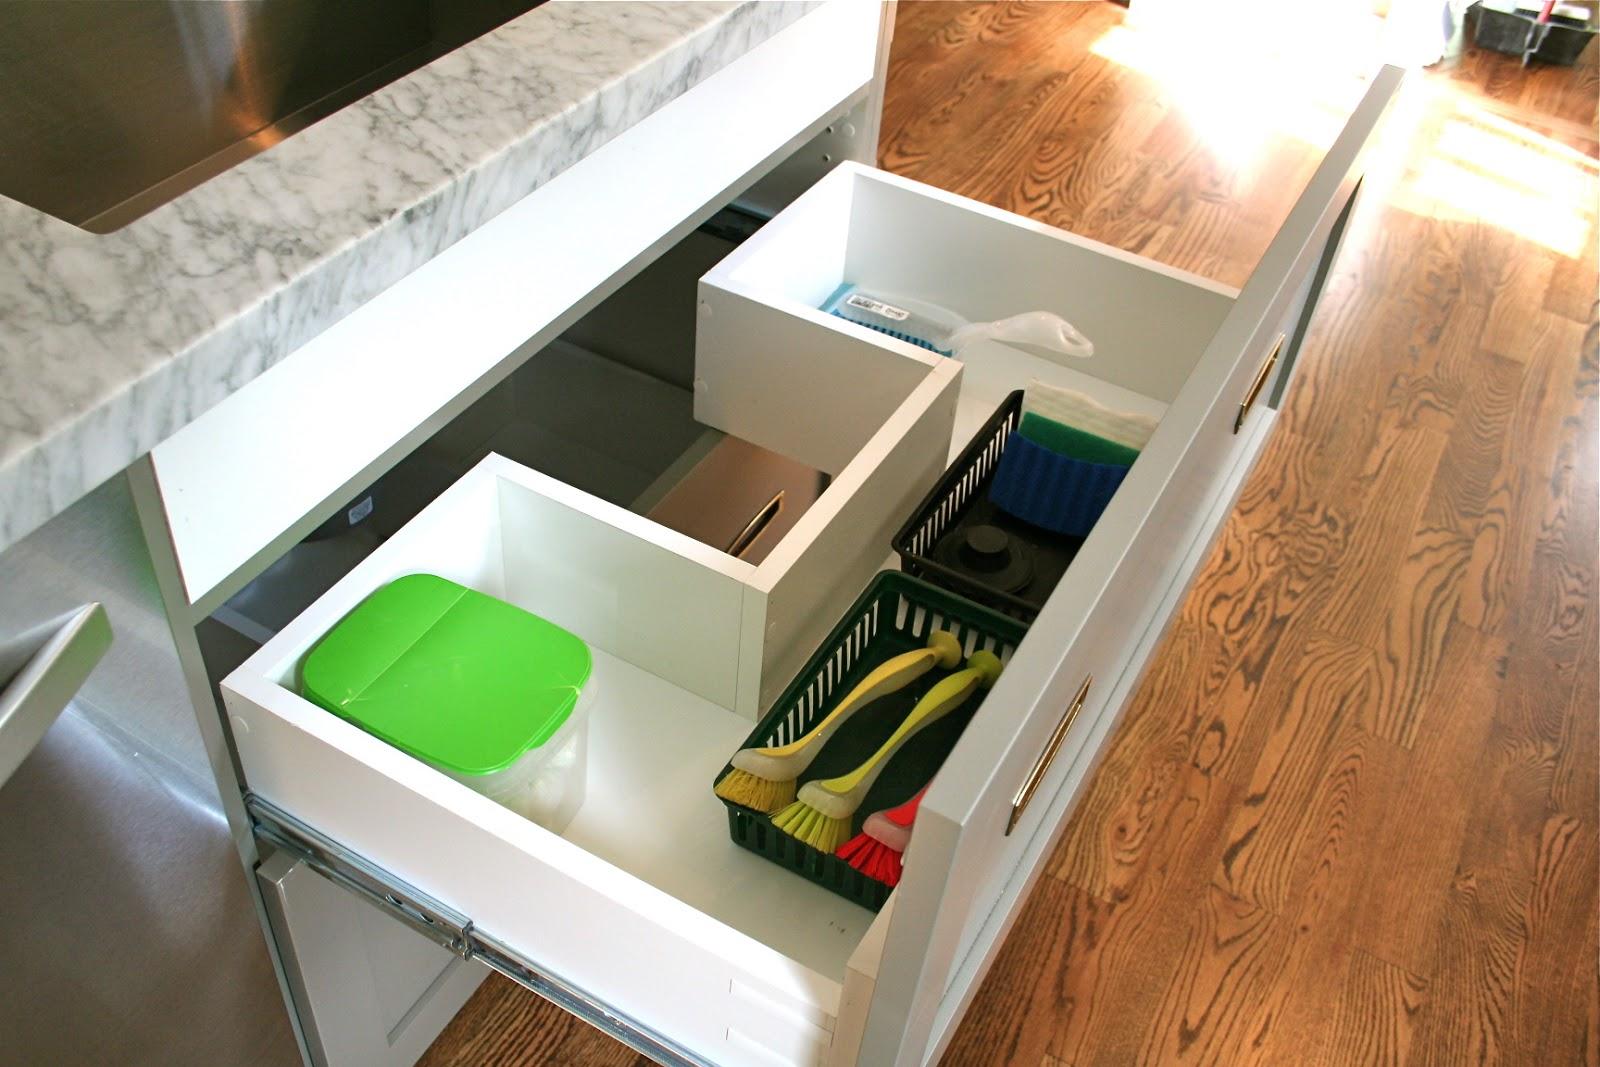 design dump: drawers under the kitchen sink